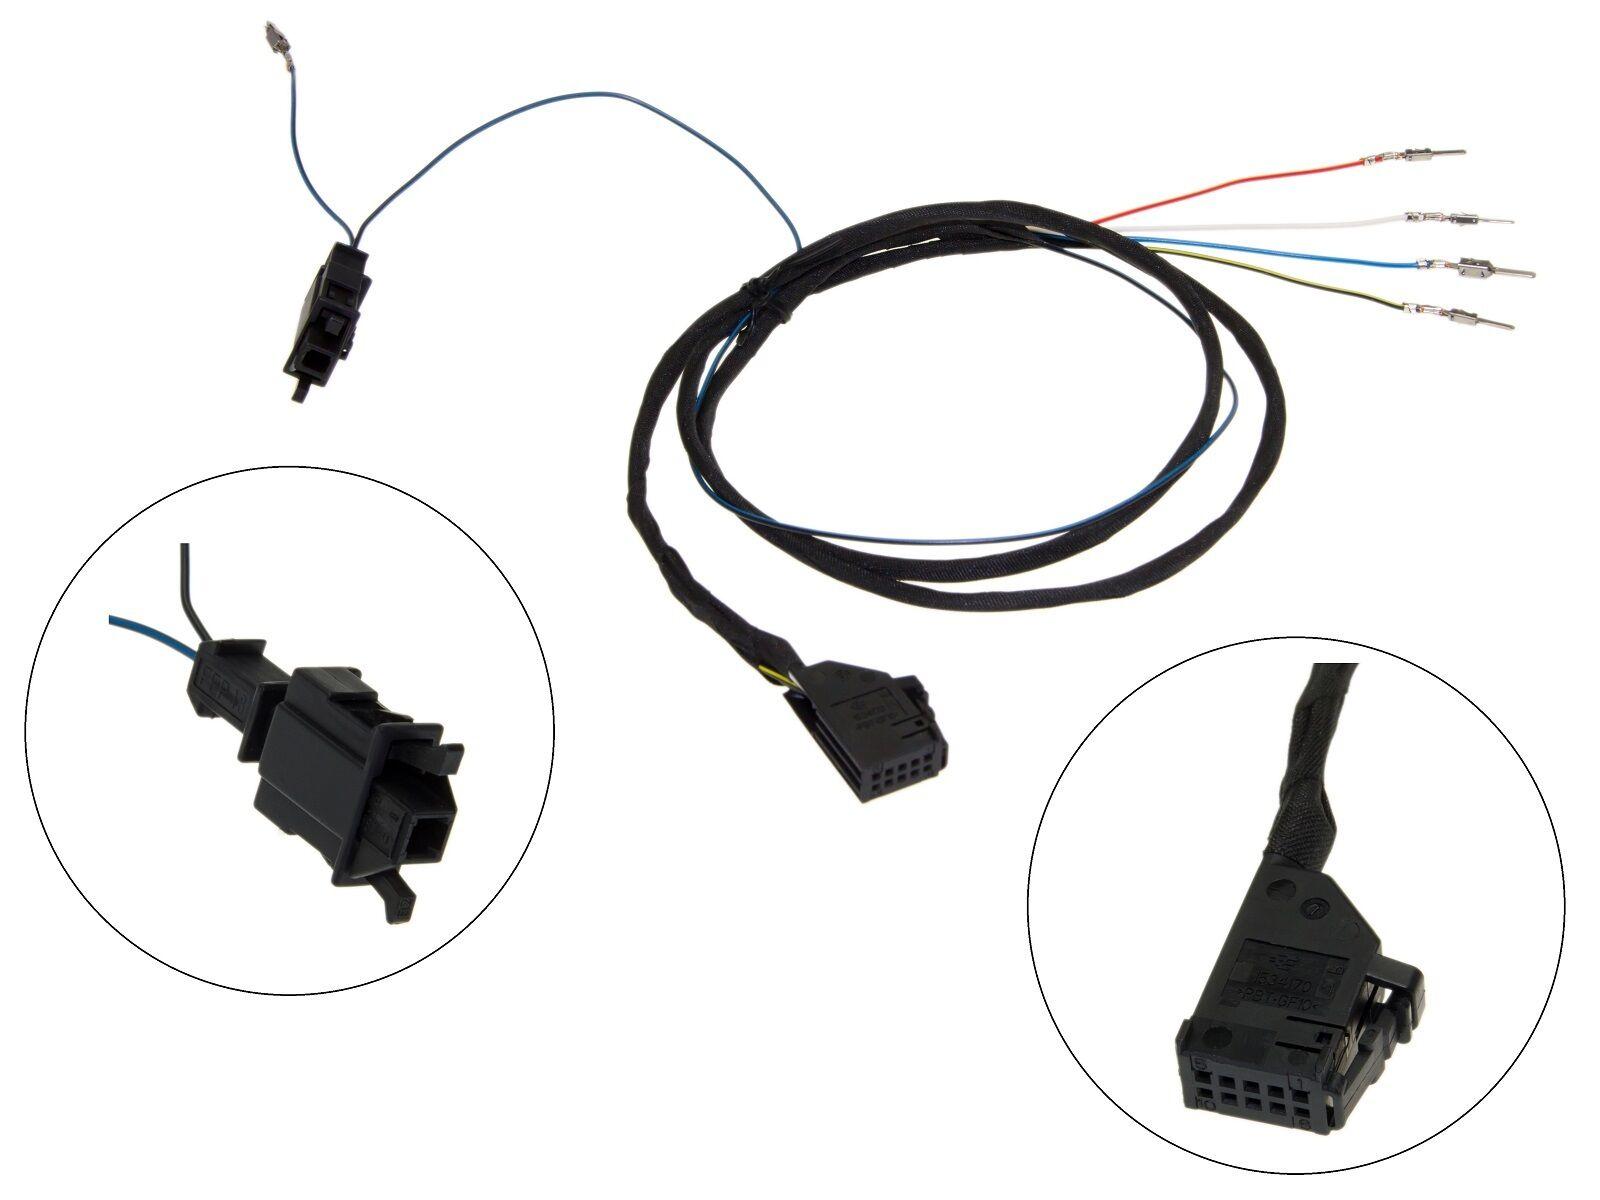 gra tempomat kabelbaum kabelsatz kabel tdi diesel f vw. Black Bedroom Furniture Sets. Home Design Ideas